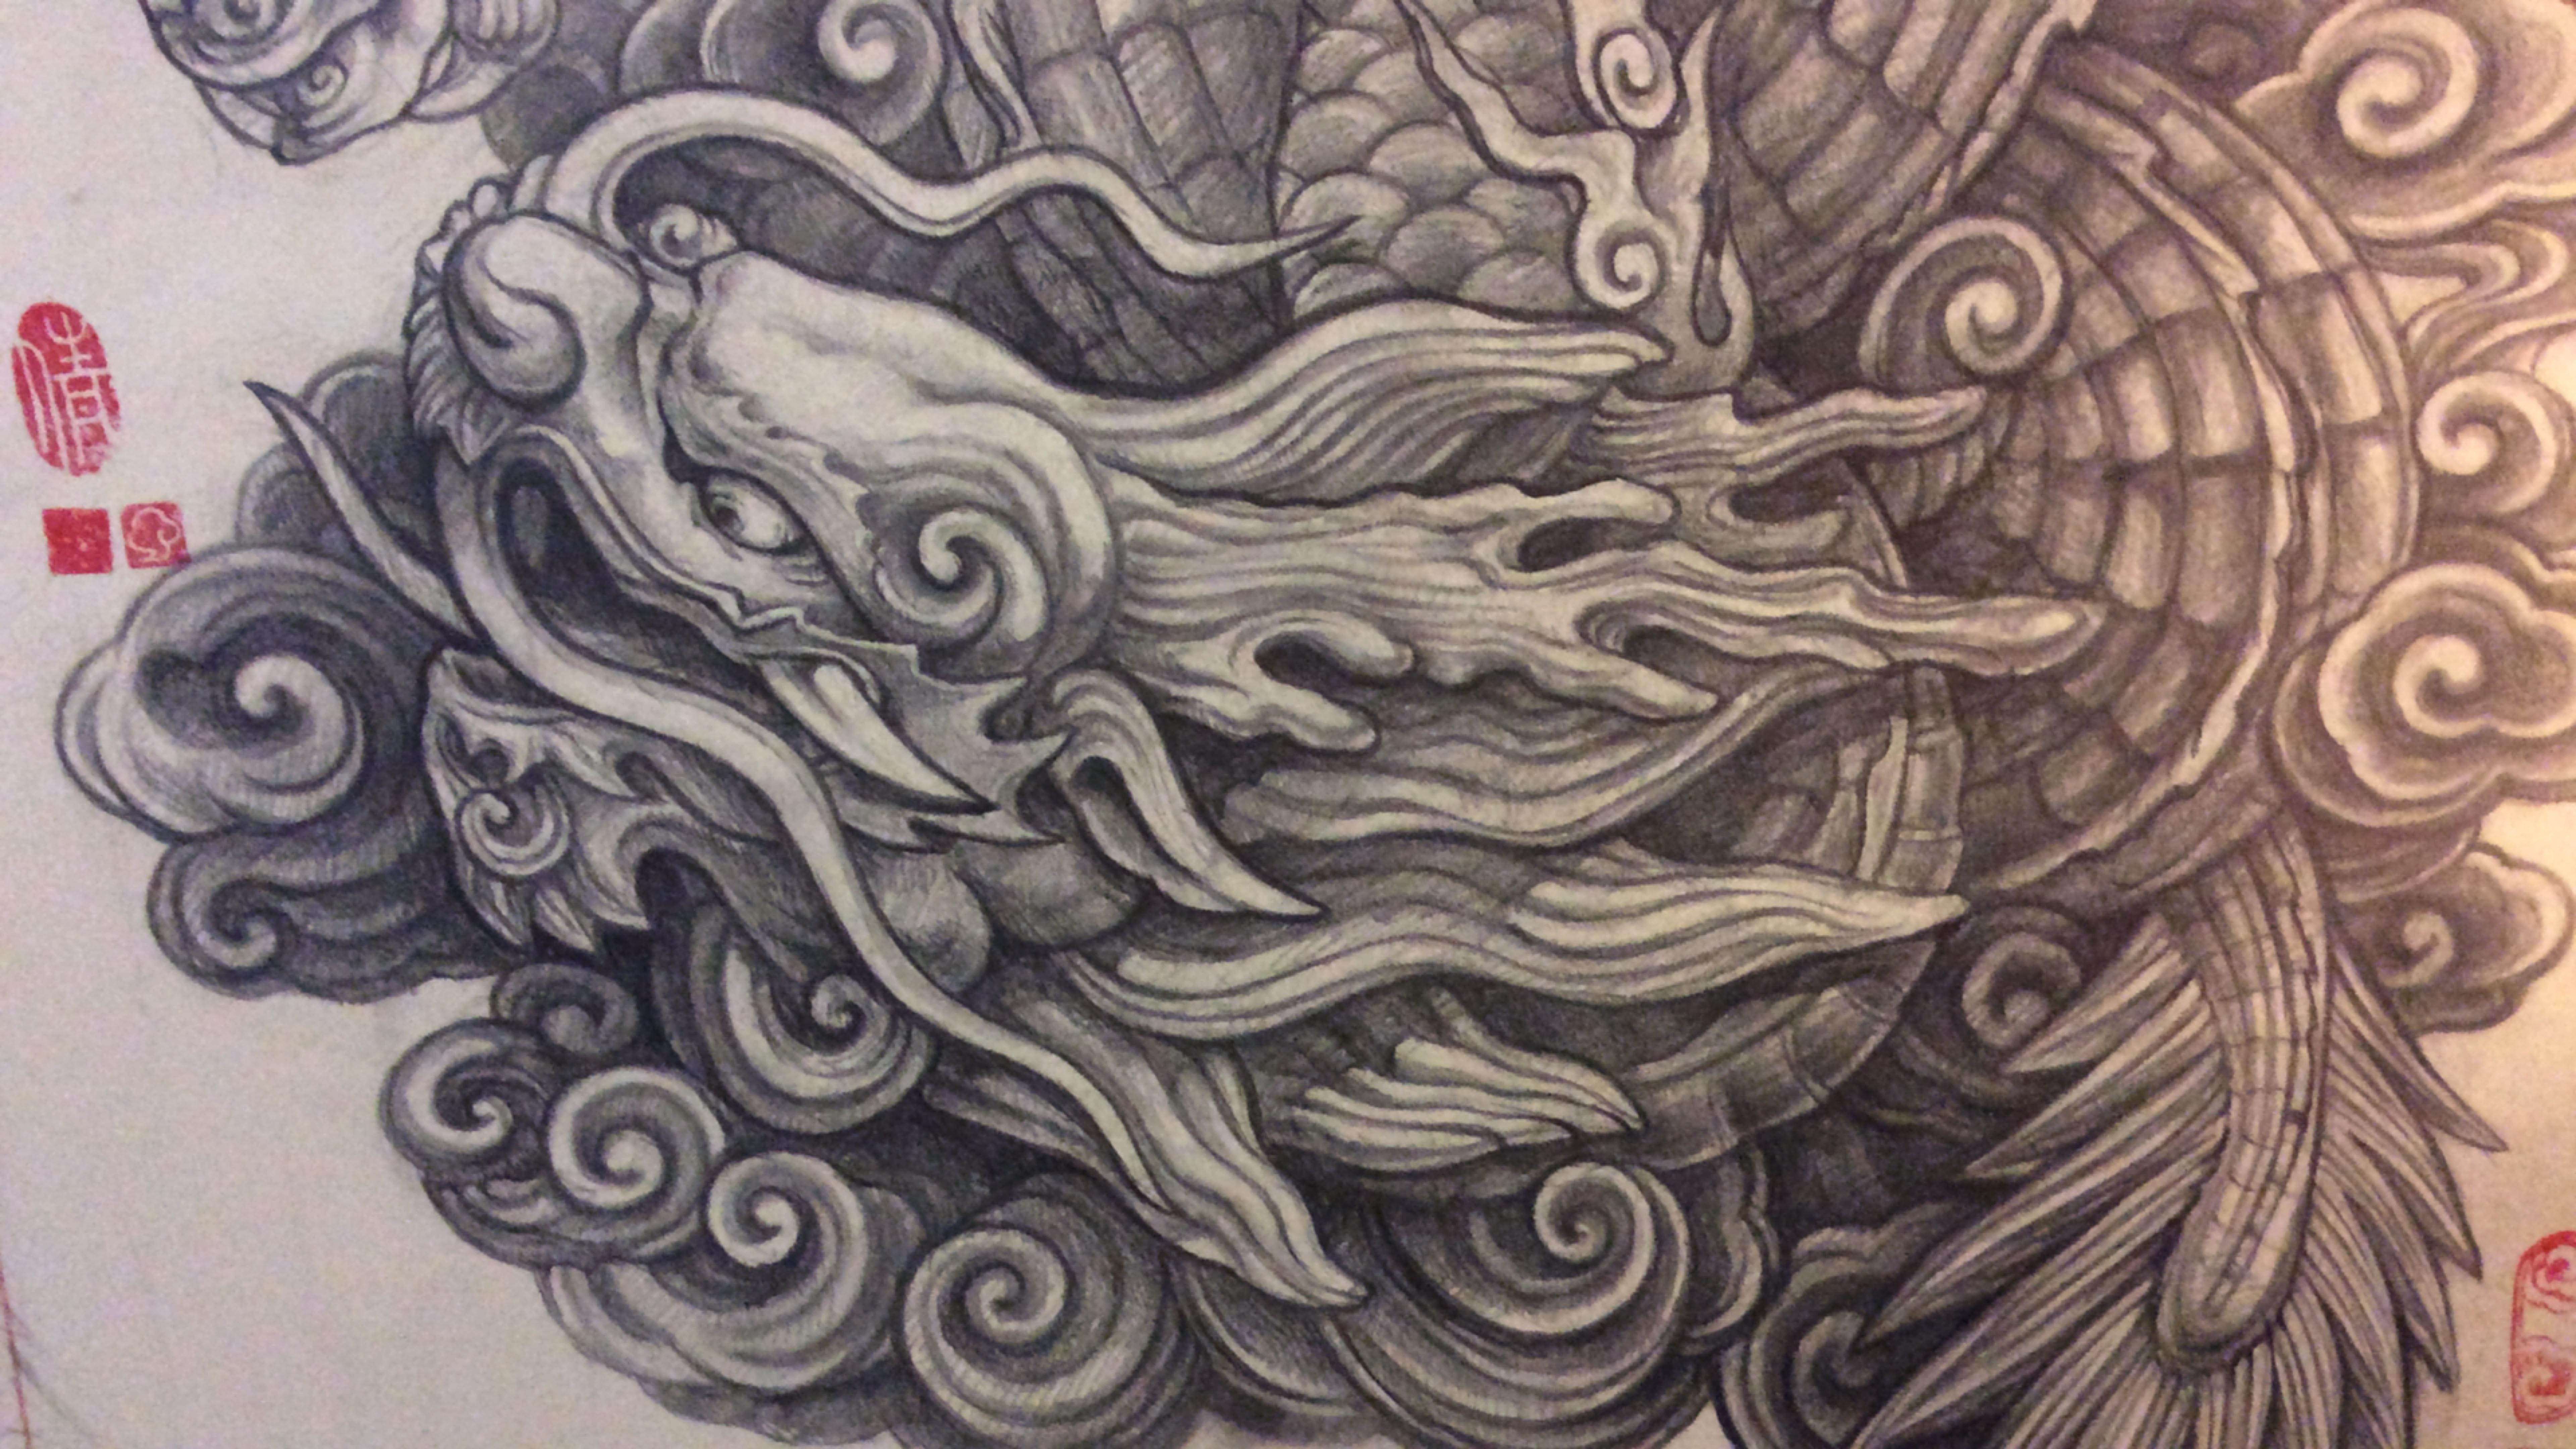 尝试画的纹身图 中国风格的龙 用以文在大腿上的纹身设计图片